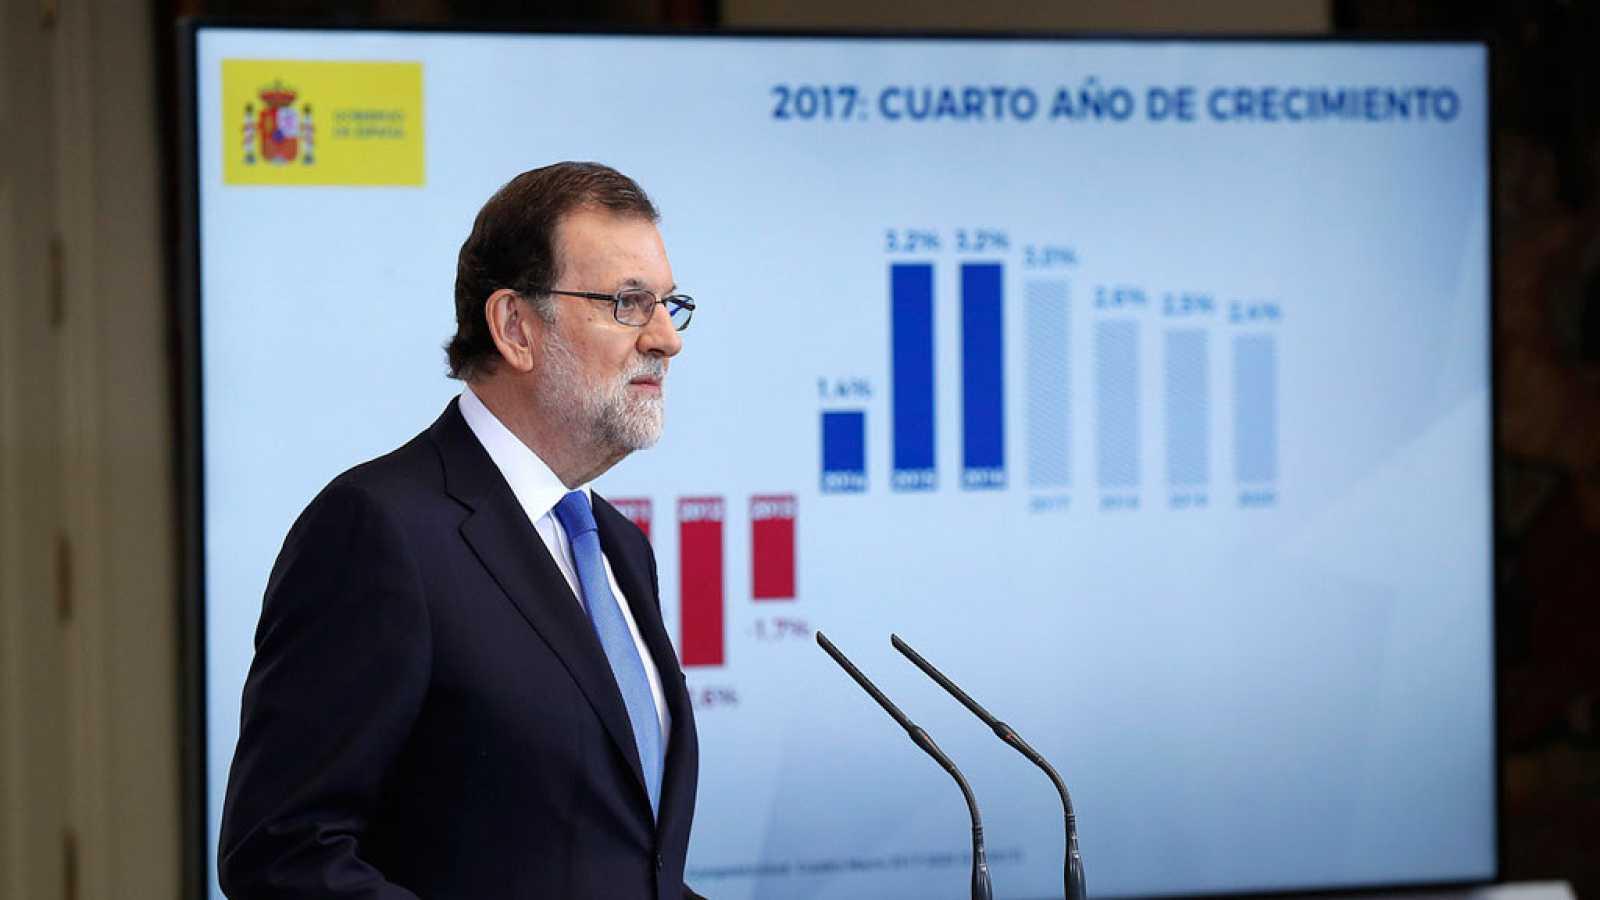 Rajoy asegura que se ha recuperado el nivel de riqueza de antes de la crisis